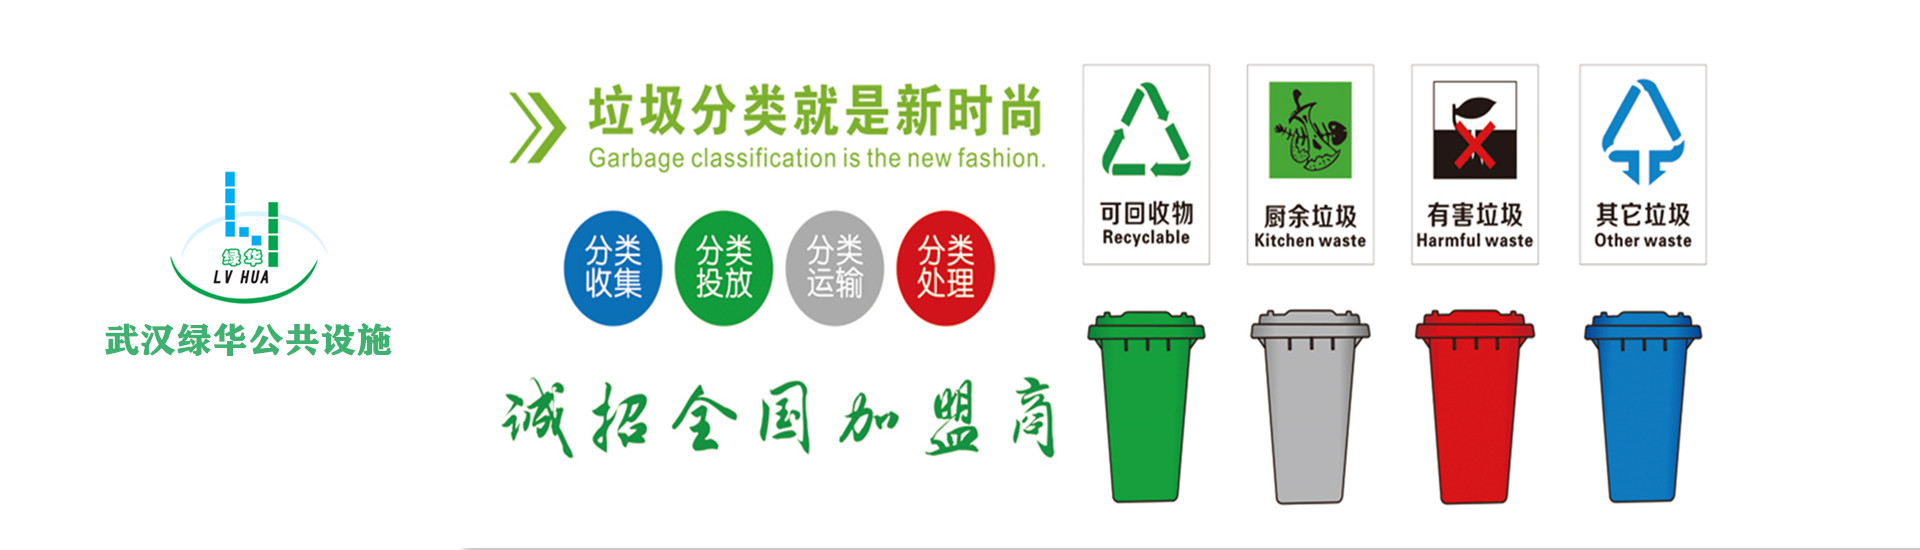 武汉垃圾处理箱